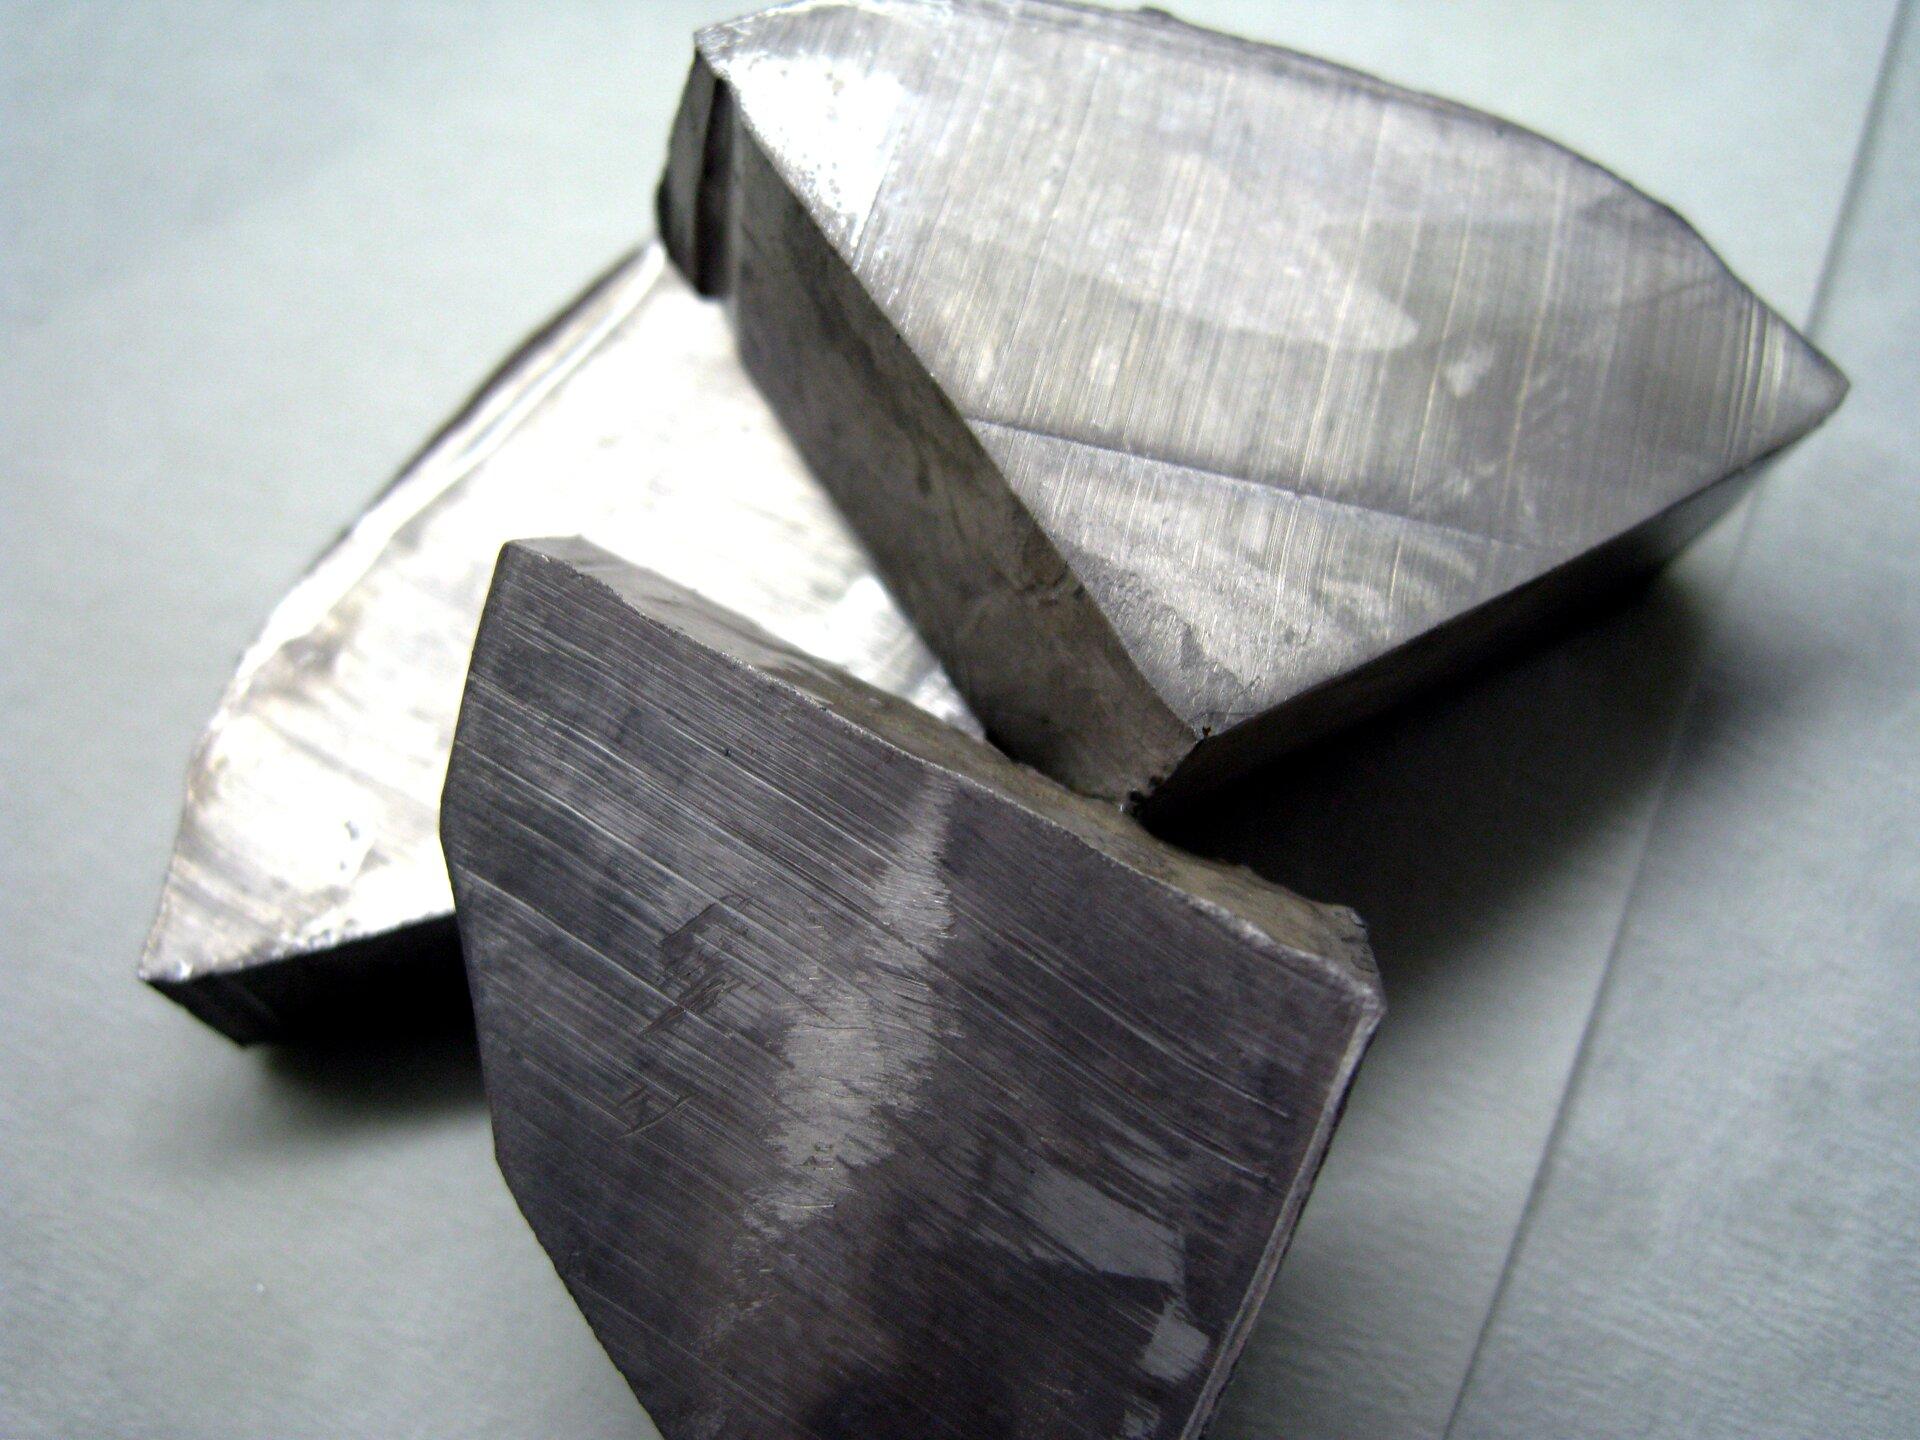 Zdjęcie przedstawia nieregularne kawałki srebrnego metalu orównych, gładkich krawędziach.